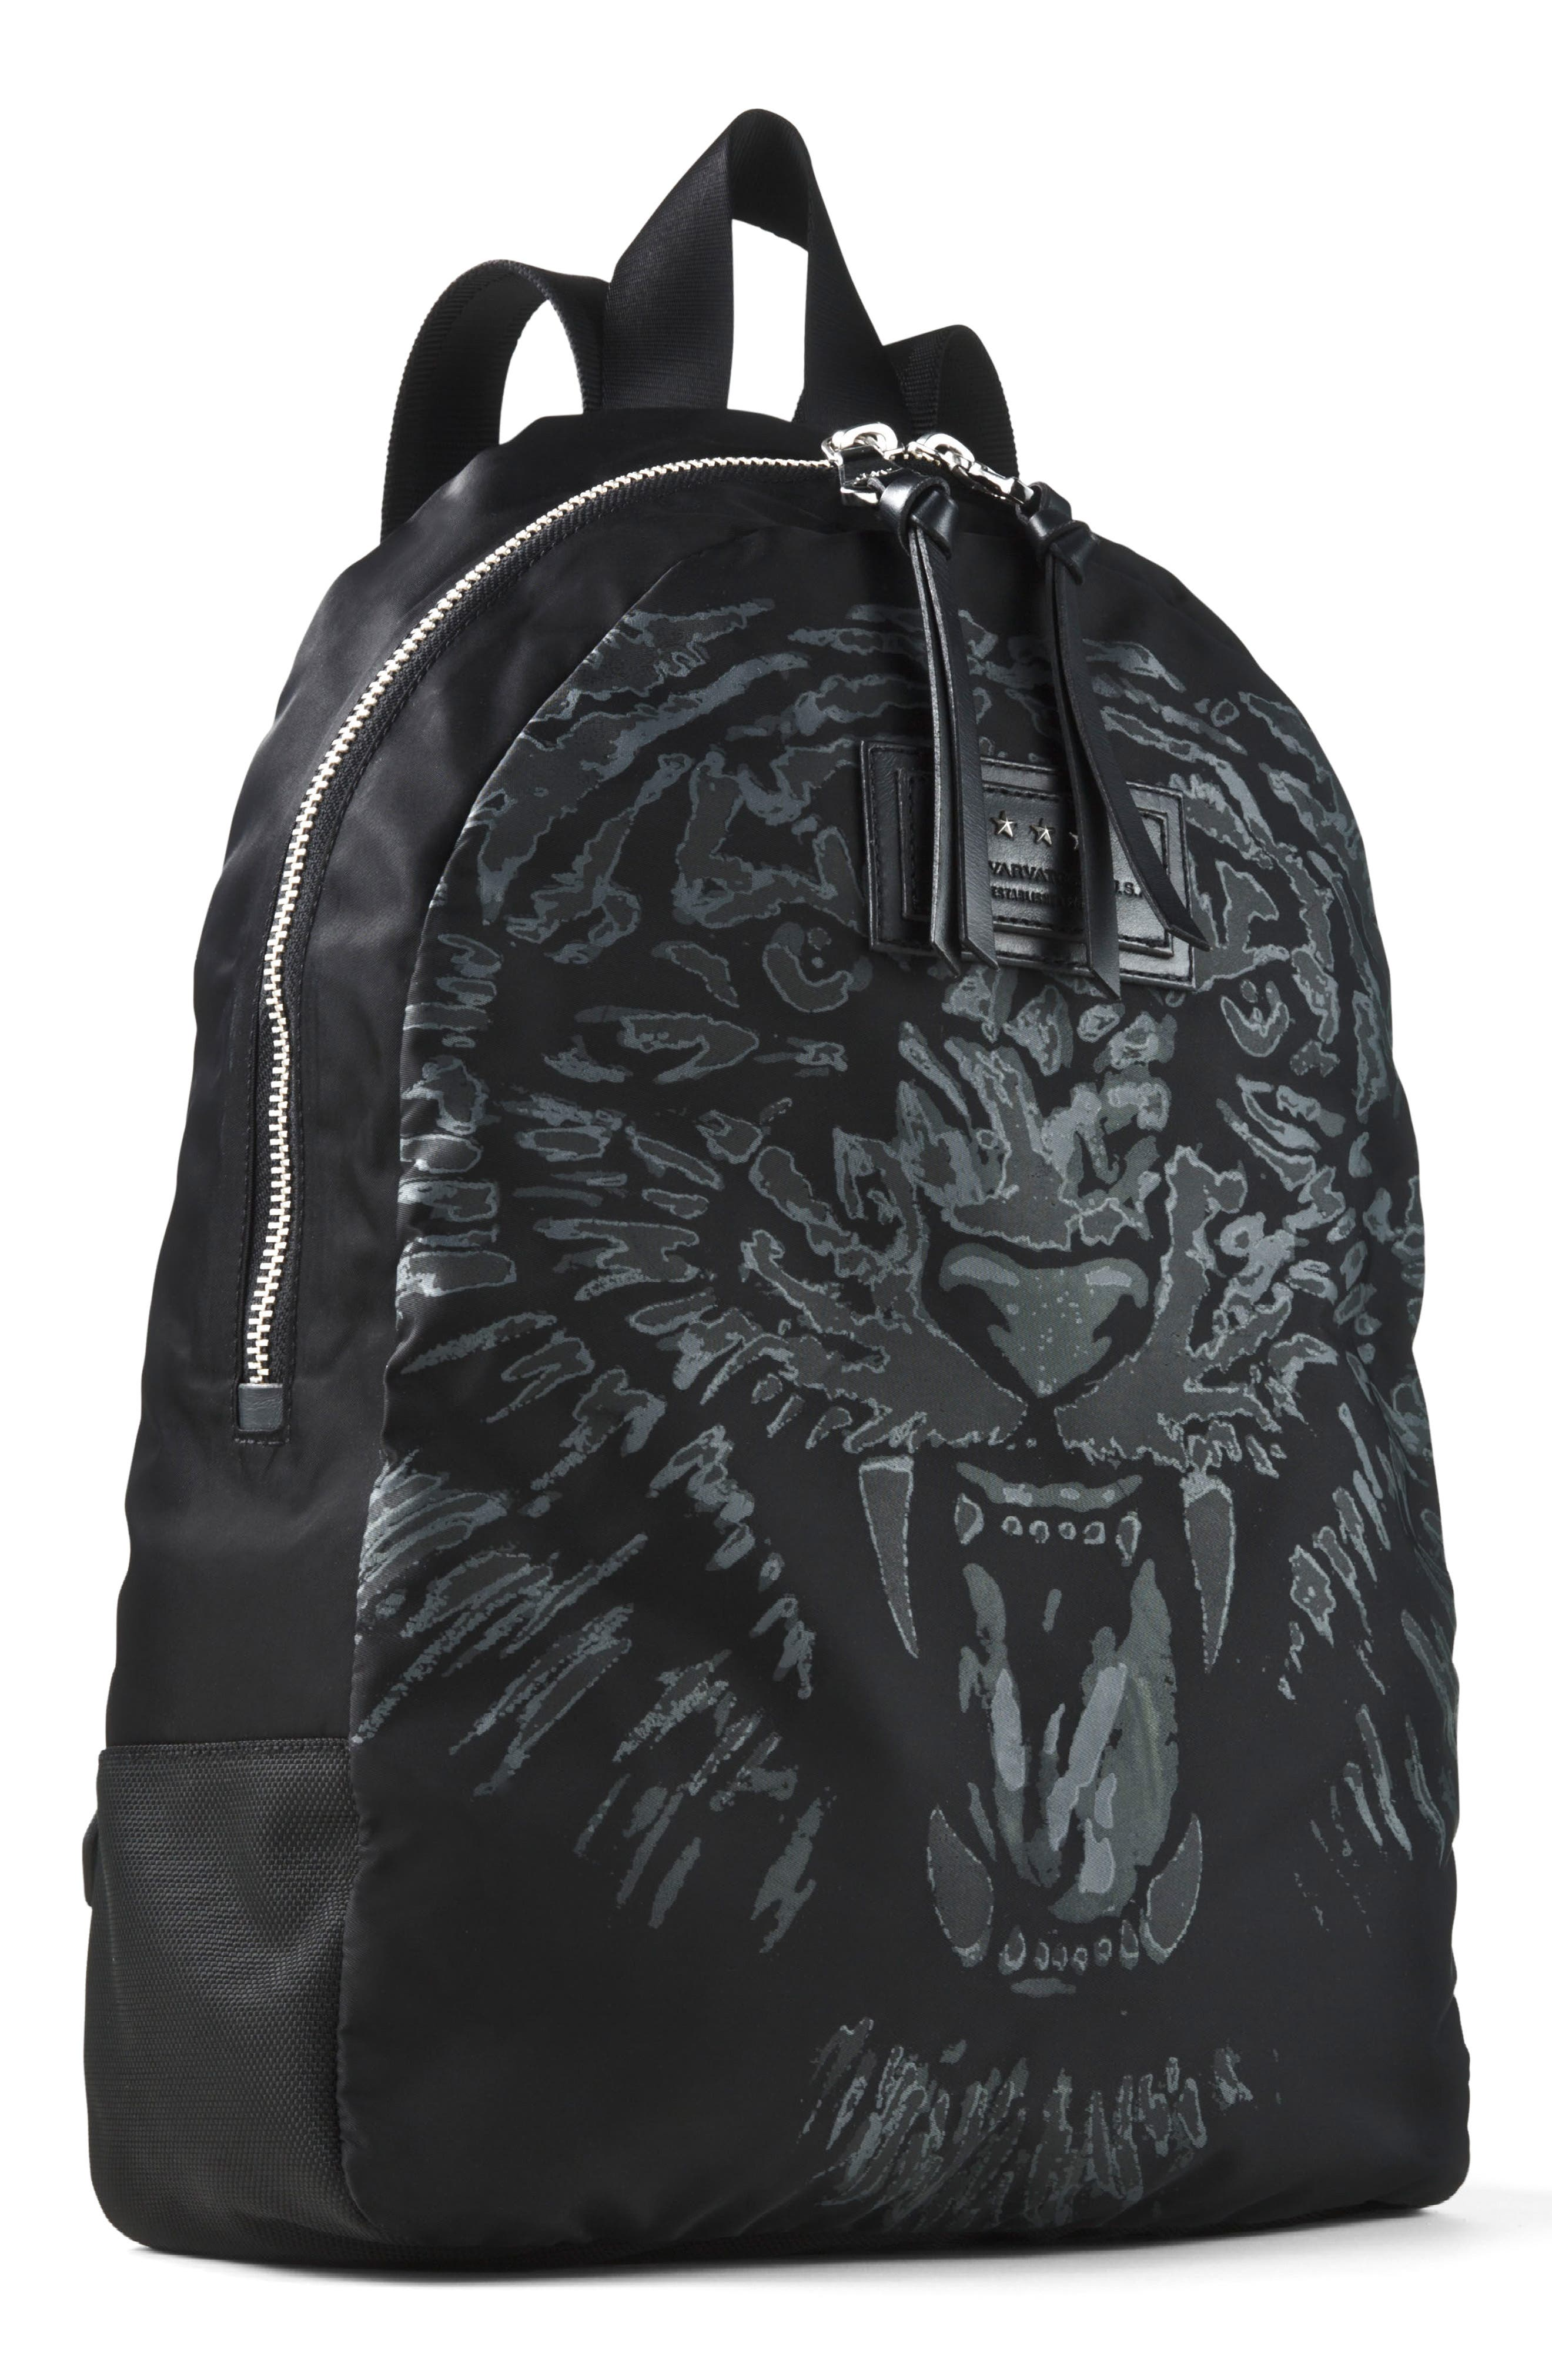 Tiger Print Backpack,                         Main,                         color, Black